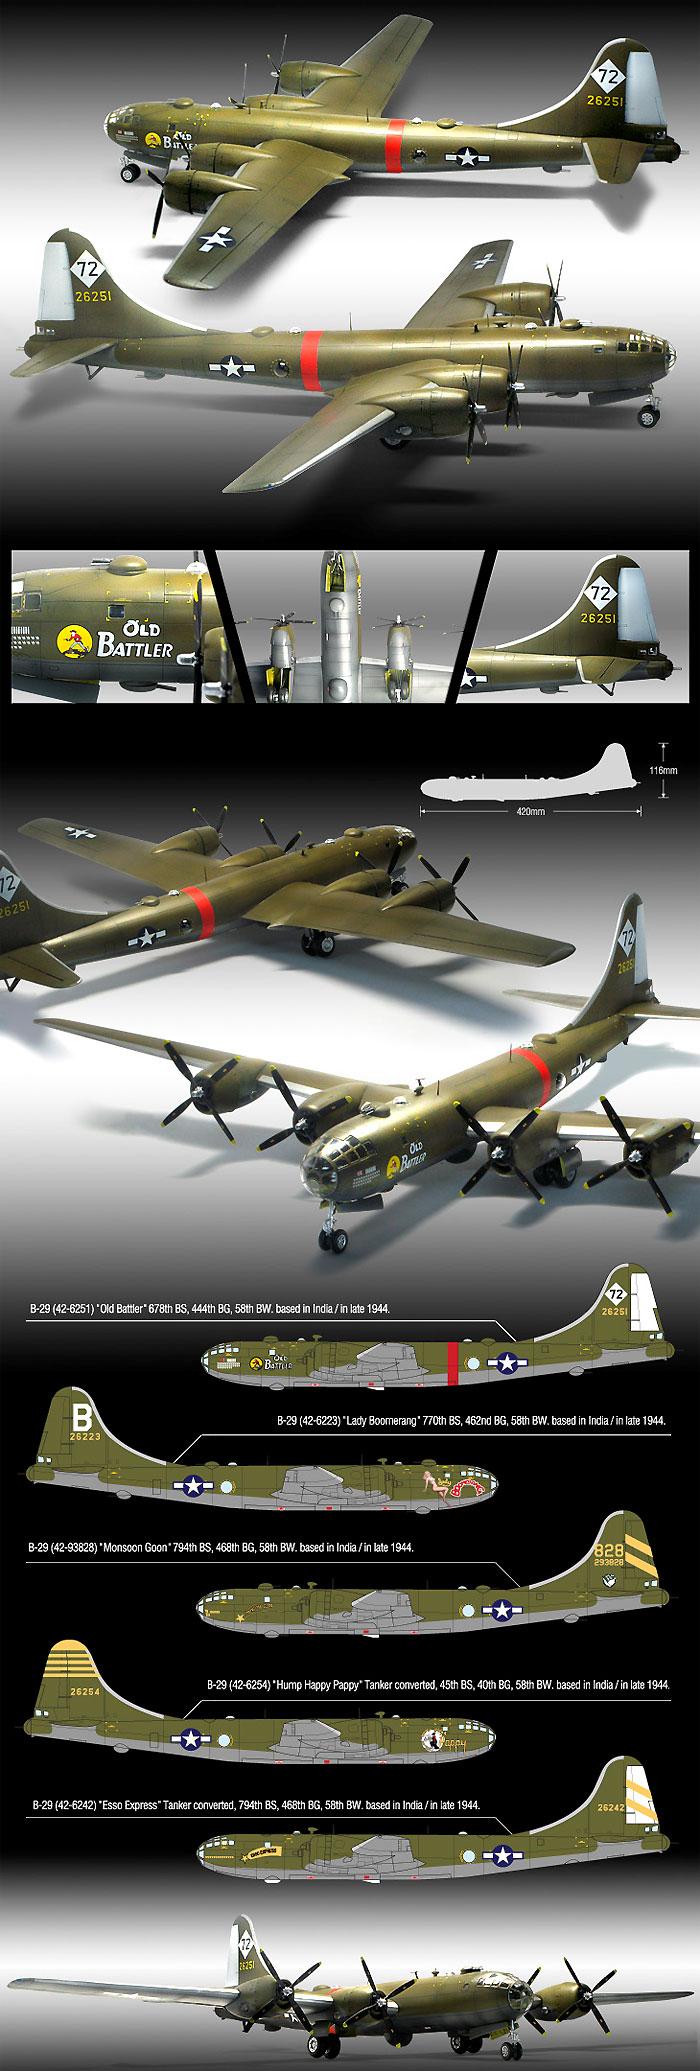 USAAF B-29A オールドバトラープラモデル(アカデミー1/72 AircraftsNo.12517)商品画像_2